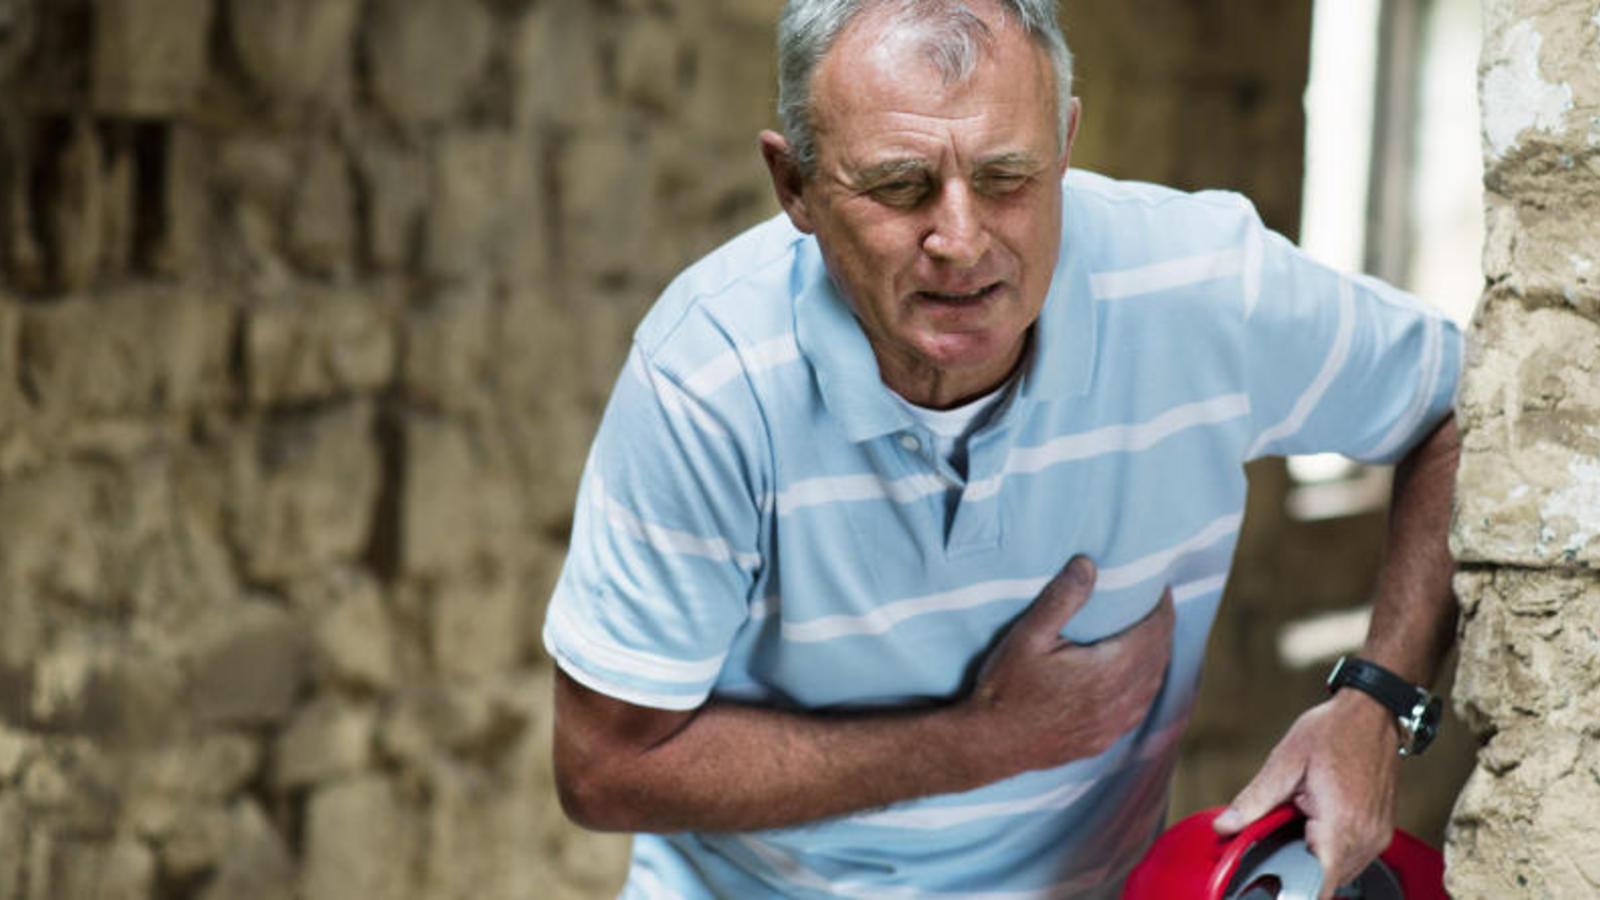 Cómo reconocer un ataque al corazón